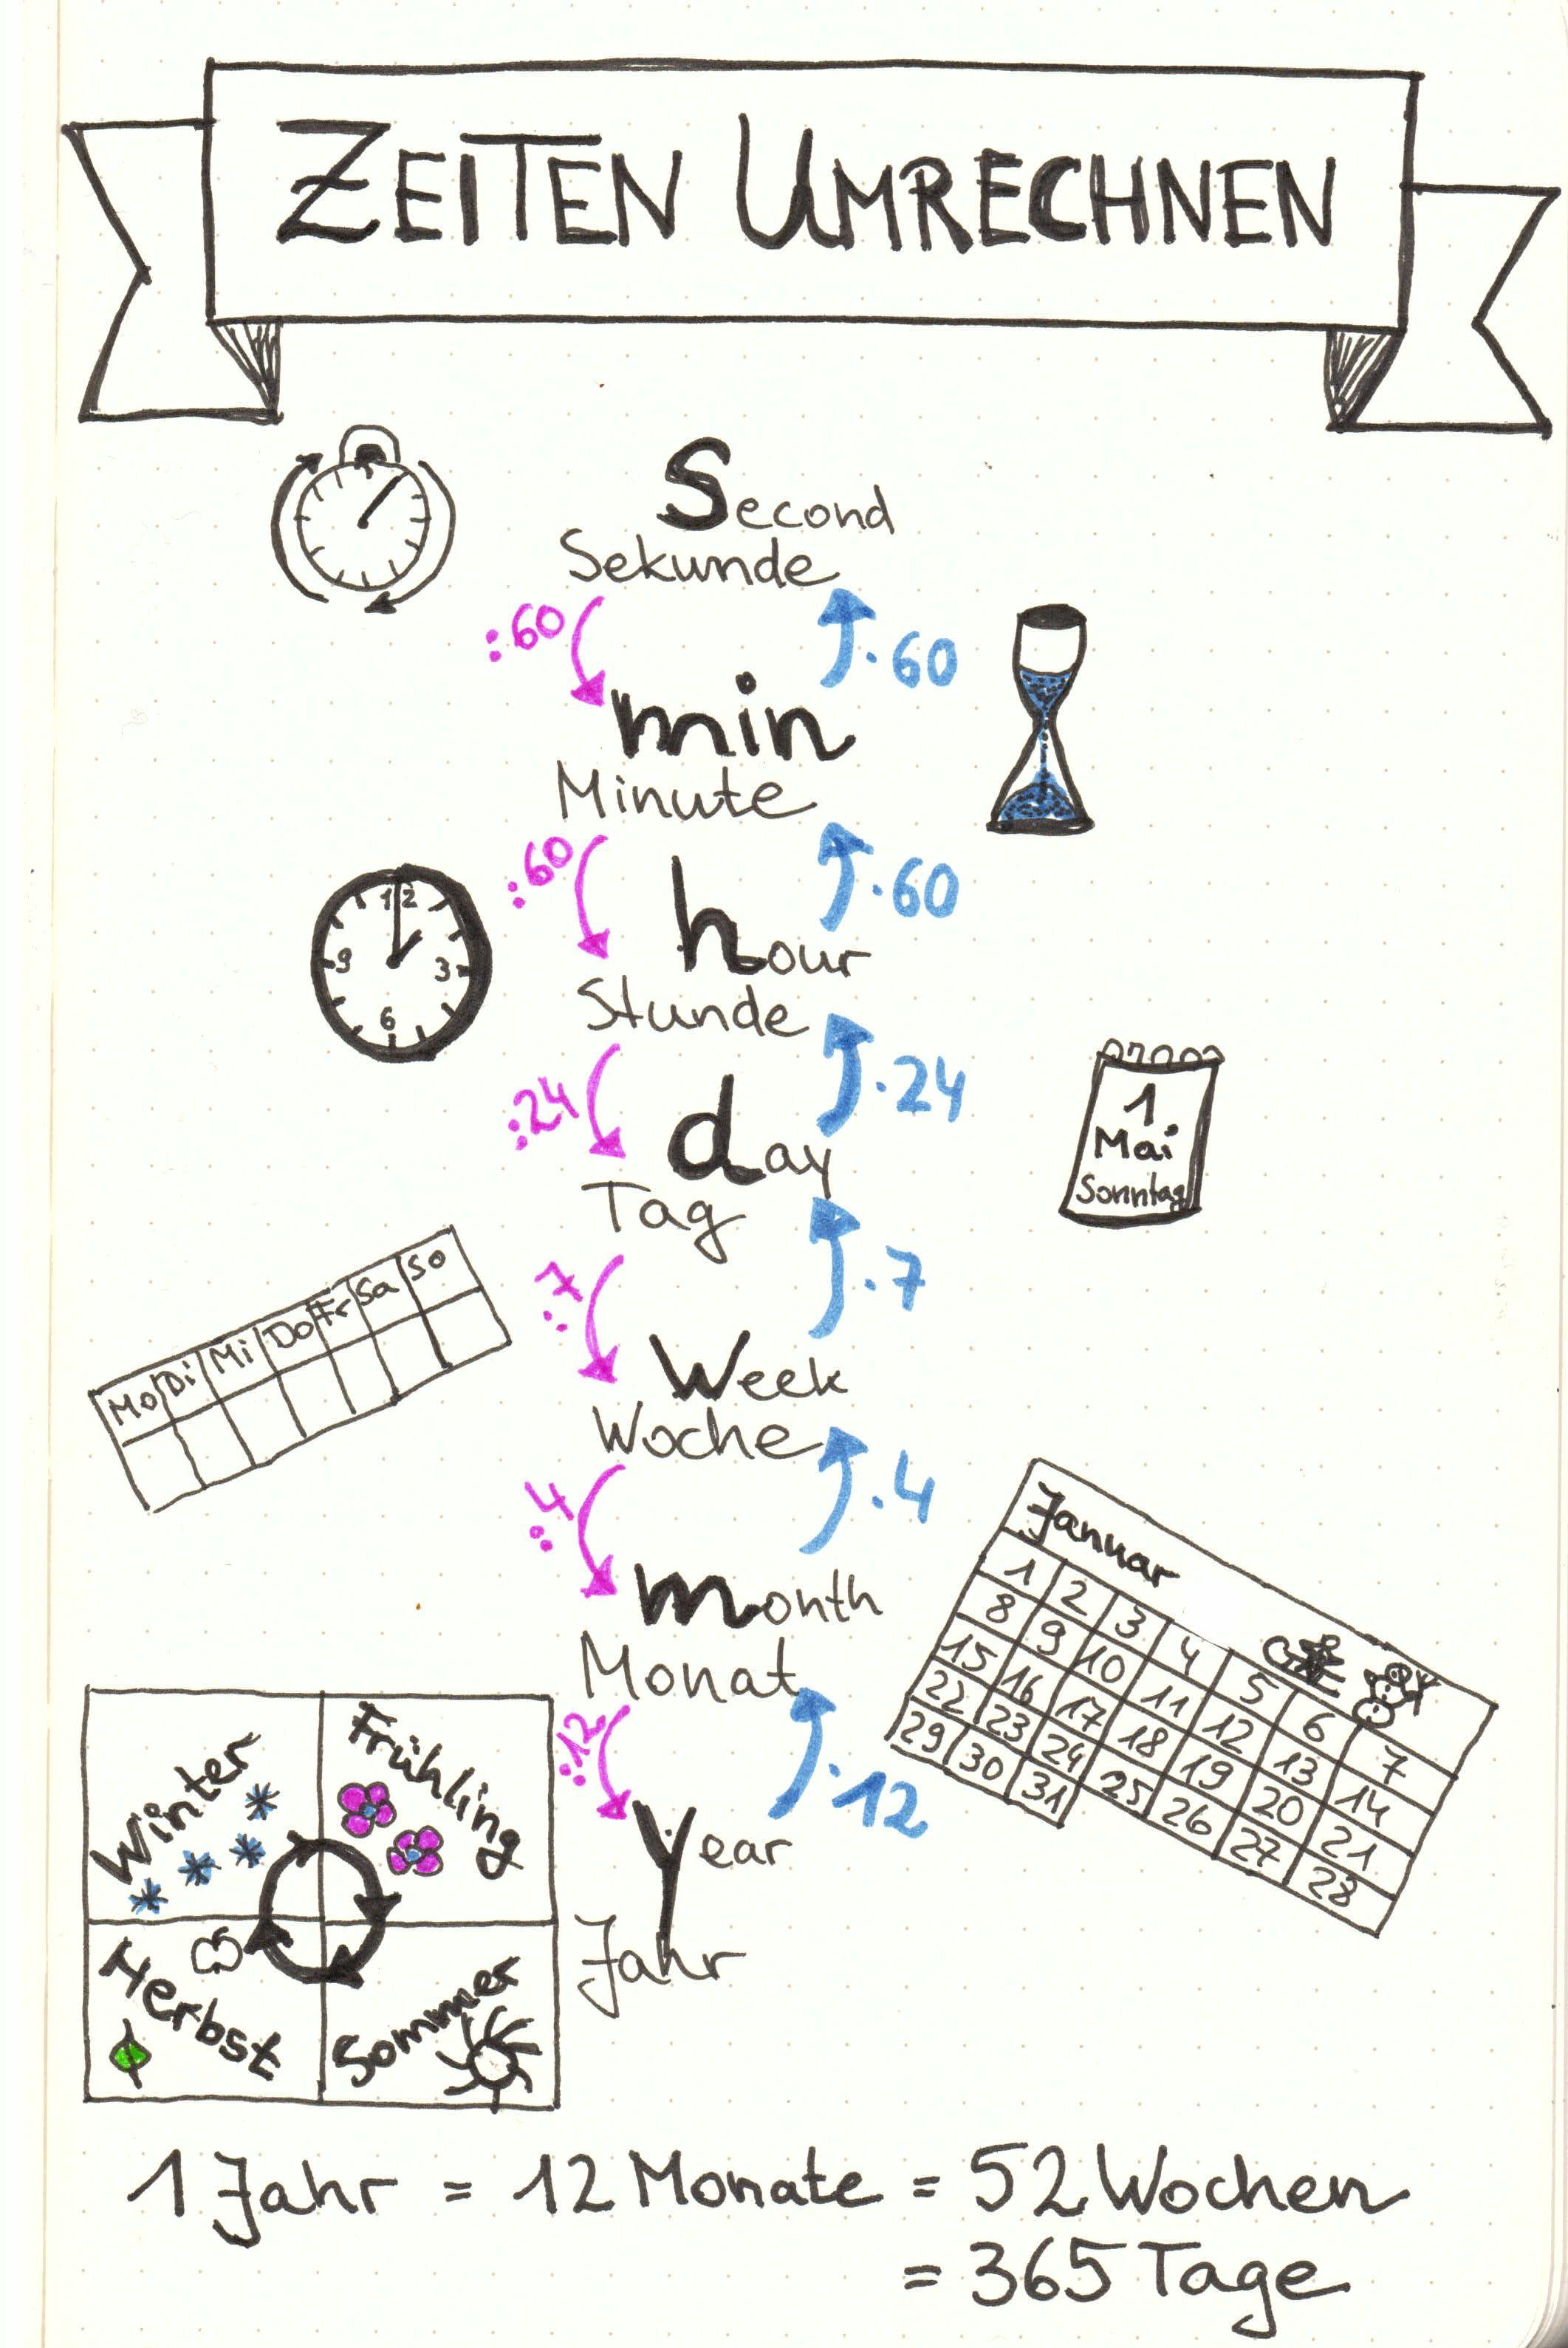 Arbeitsblatt Mathe Zeit : Sketchnotes mathe umrechnen zeit